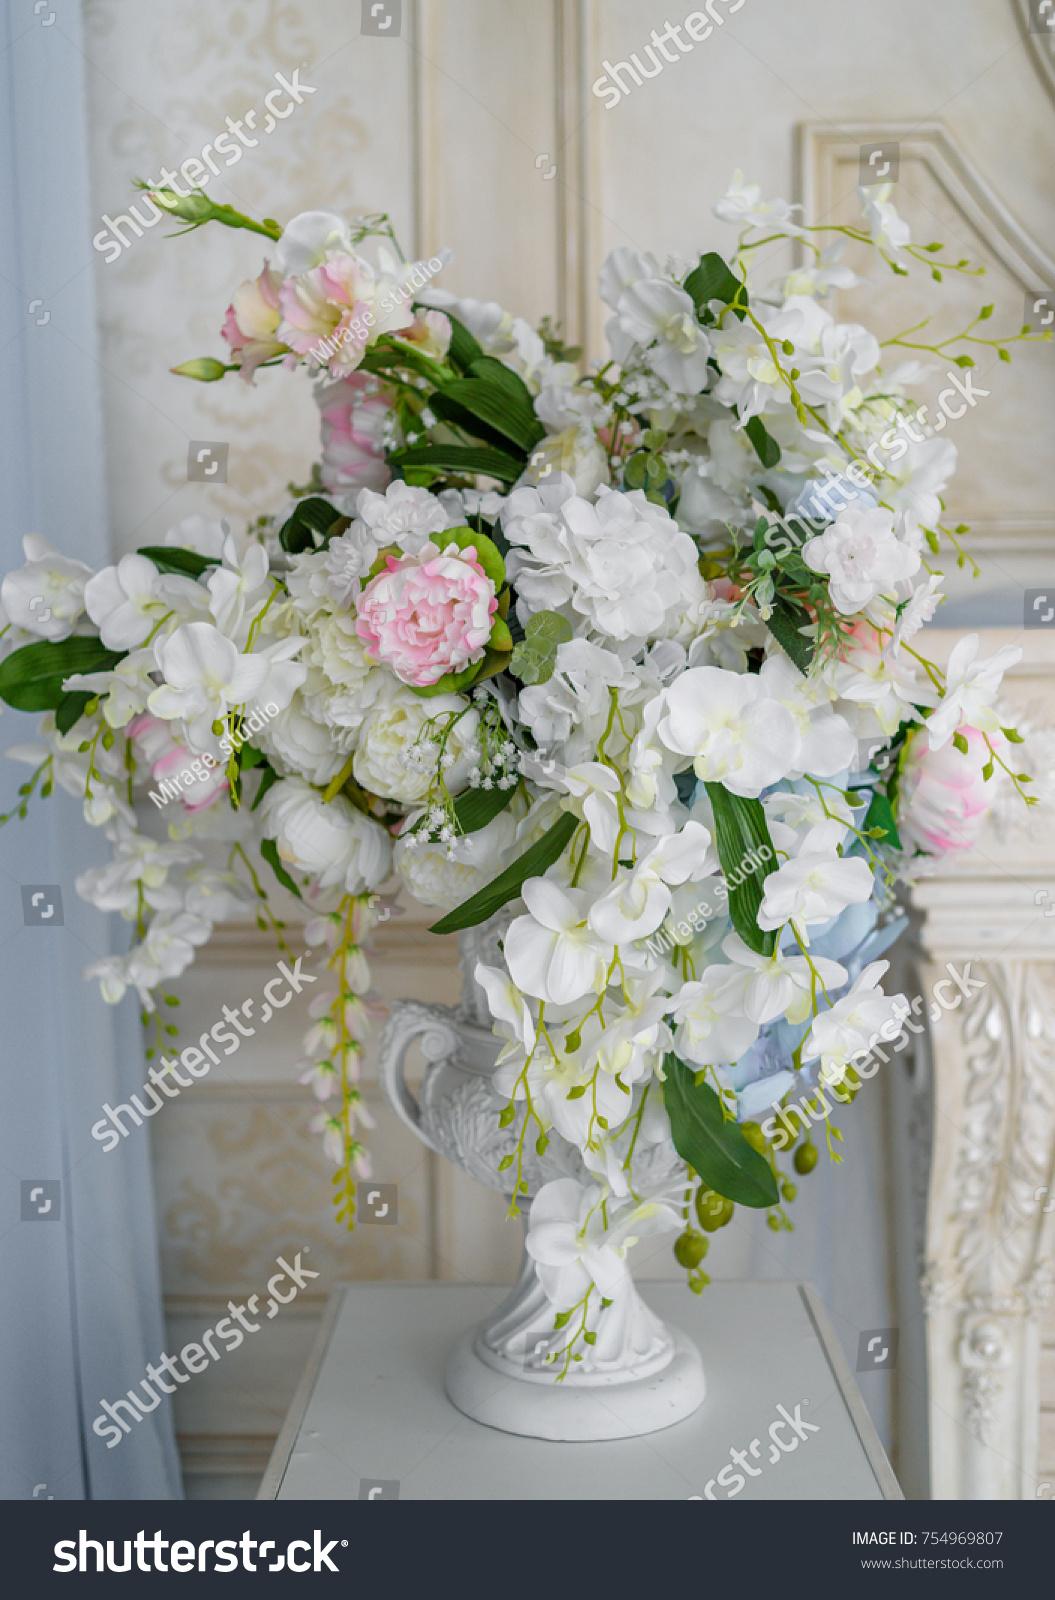 Artificial Bouquet Flowers White Antique Vase Stock Photo Edit Now